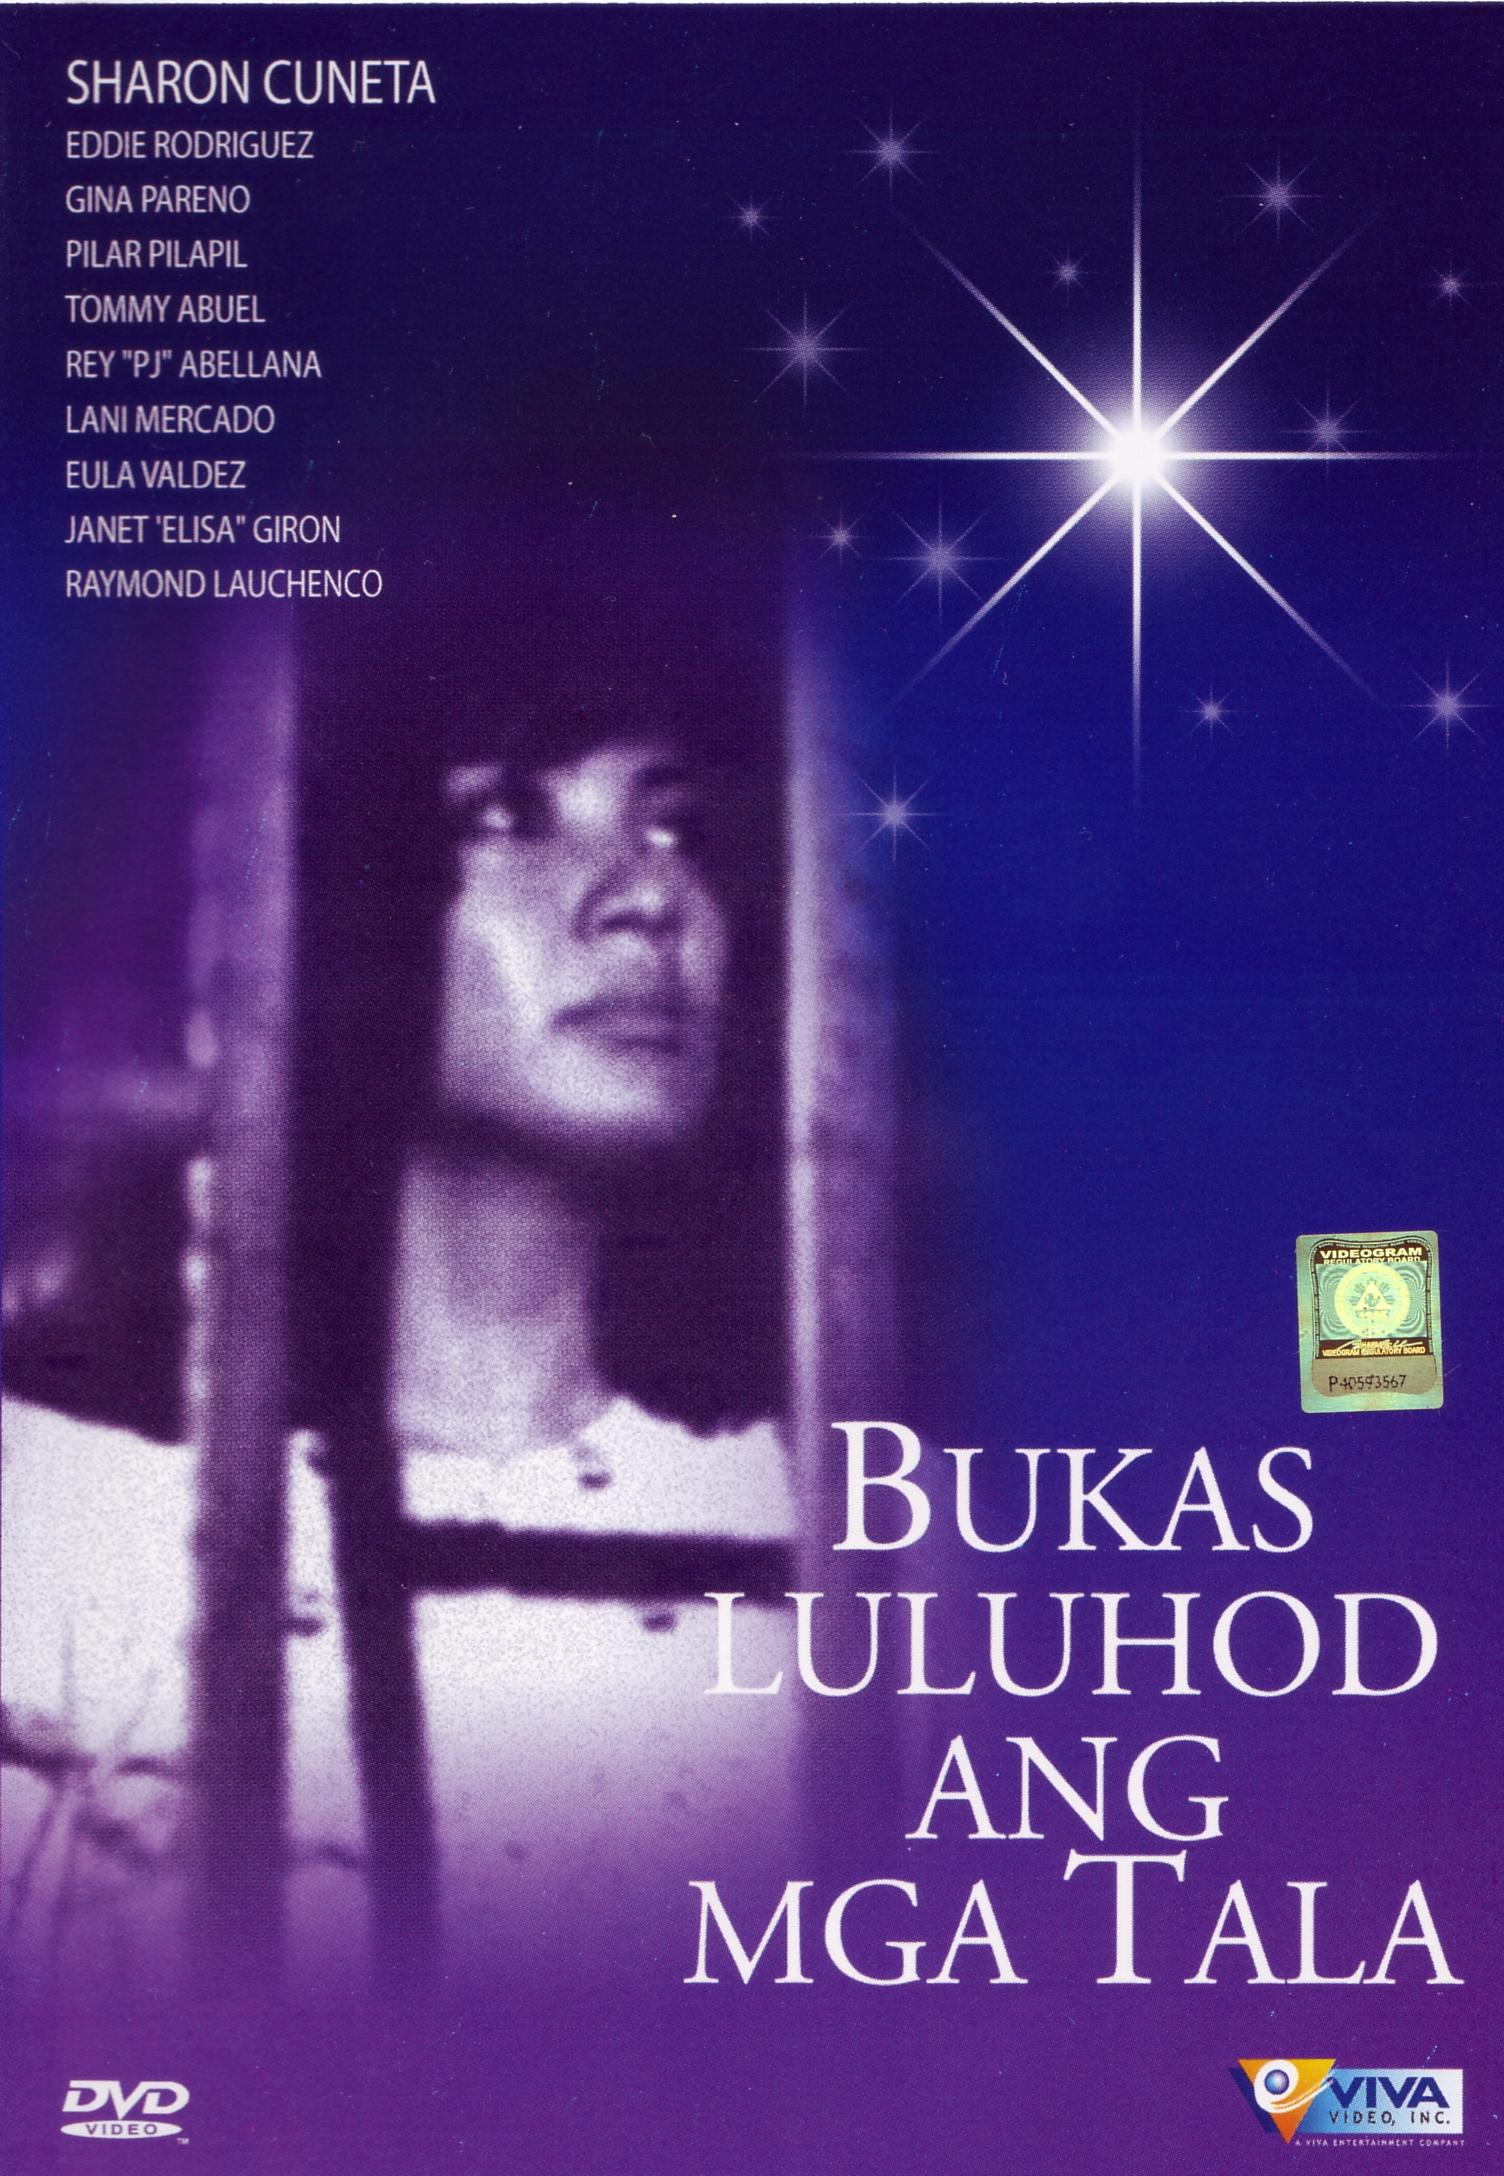 Bukas Luluhod Ang Mga Tala